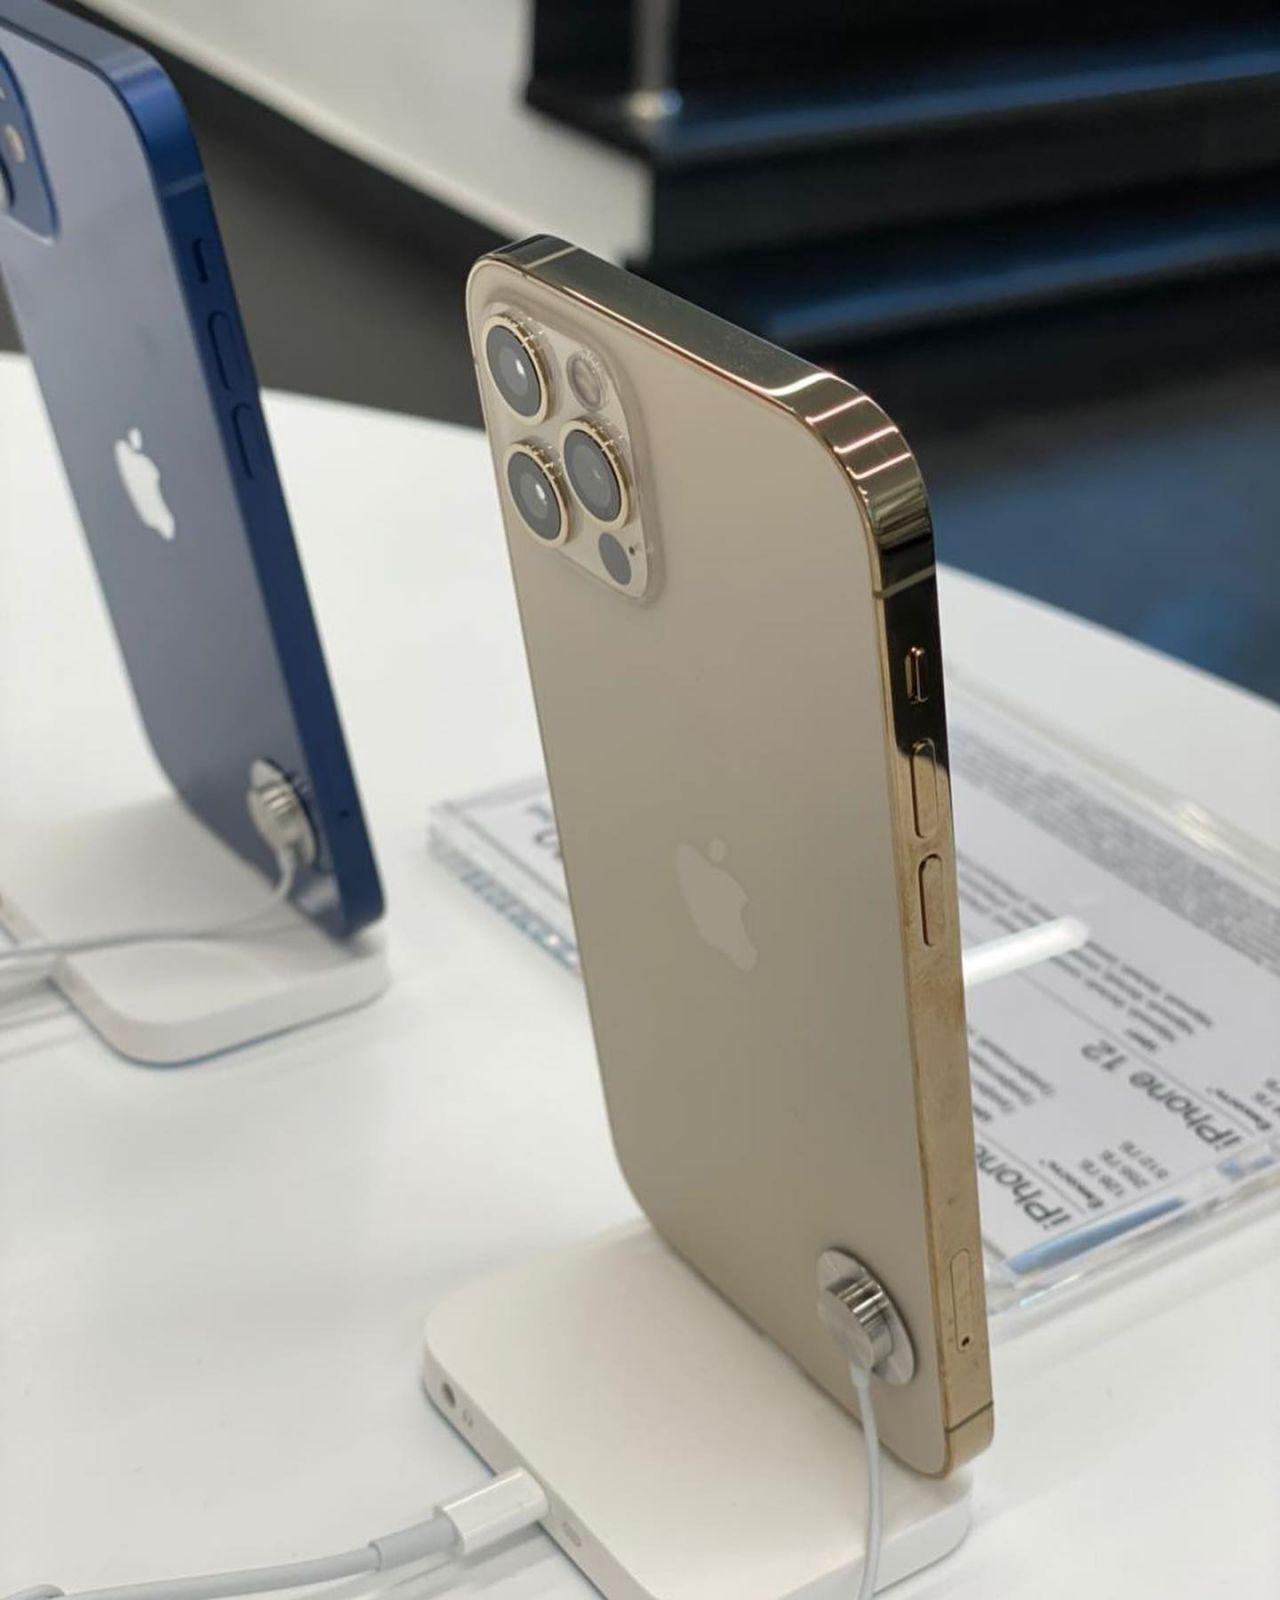 В России начались продажи iPhone 12 и iPhone 12 Pro (122157947 3727370660629594 7477914663642733569 o)